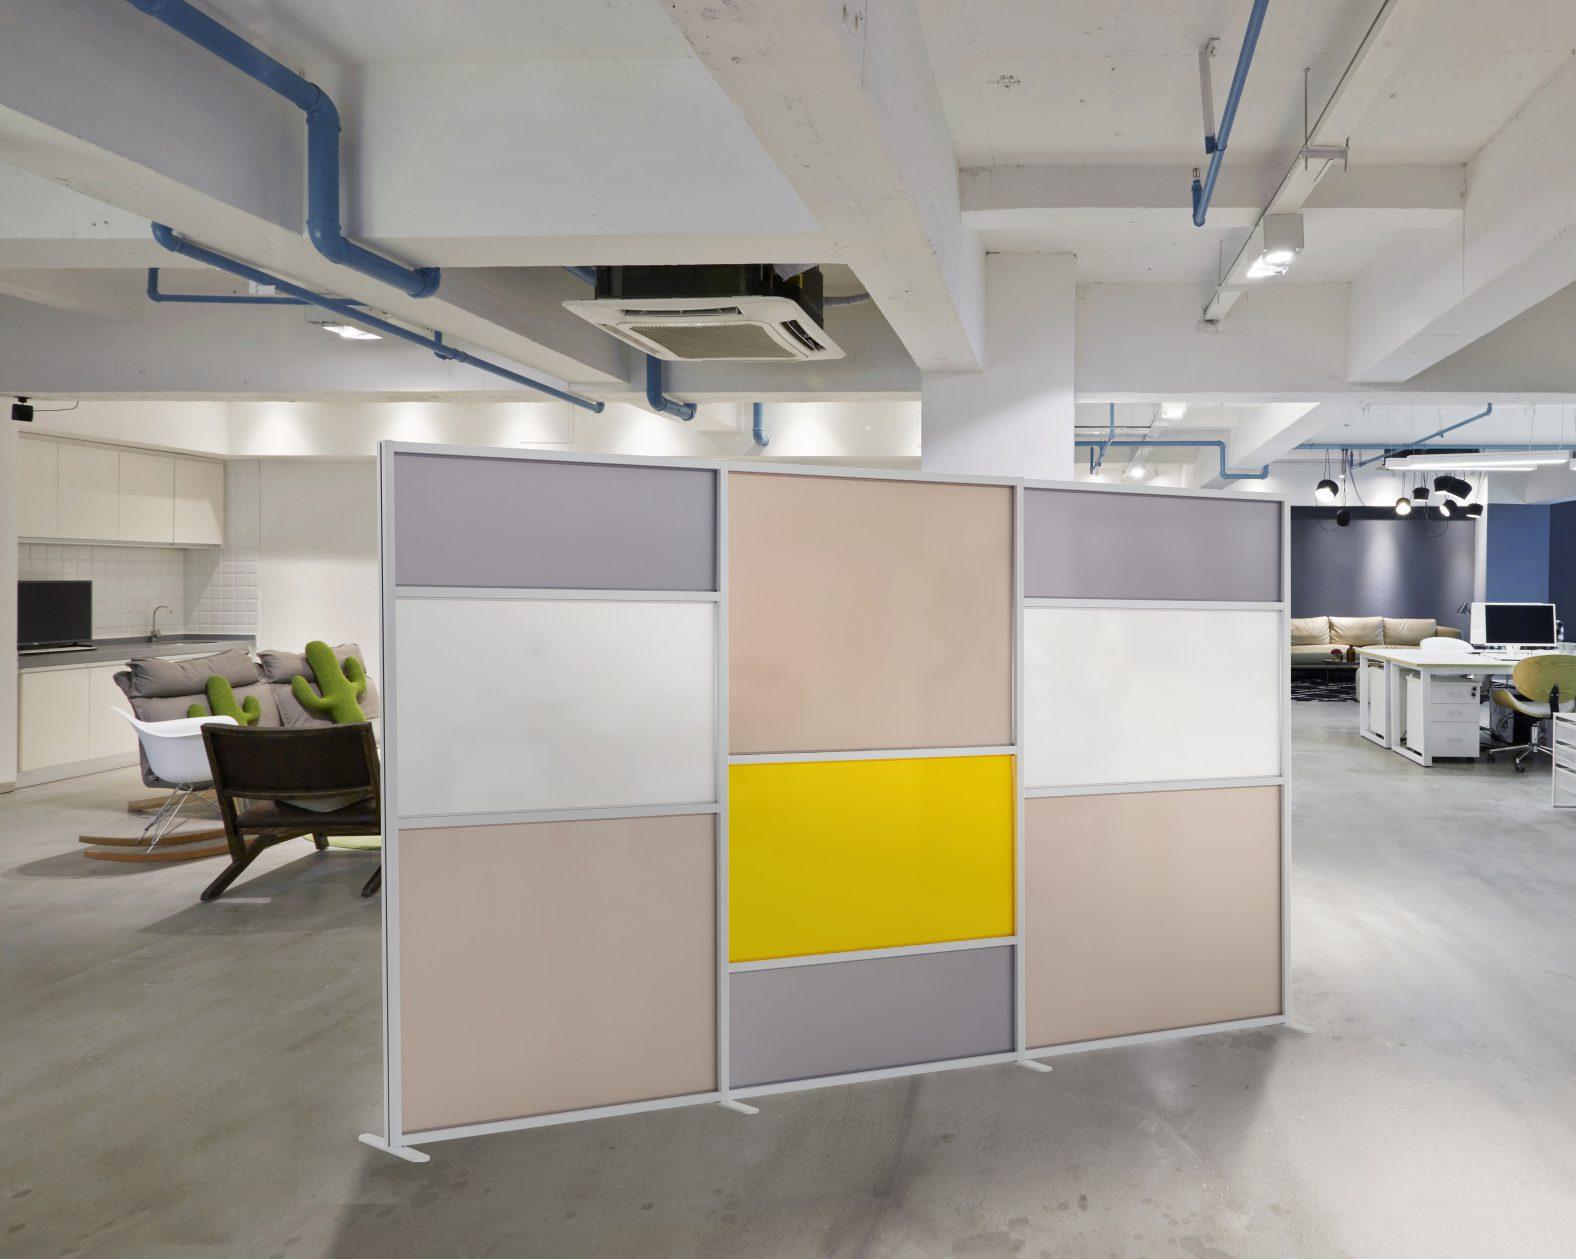 Pannelli Divisori Per Ufficio.Pannello Divisorio Tetrix Giallo